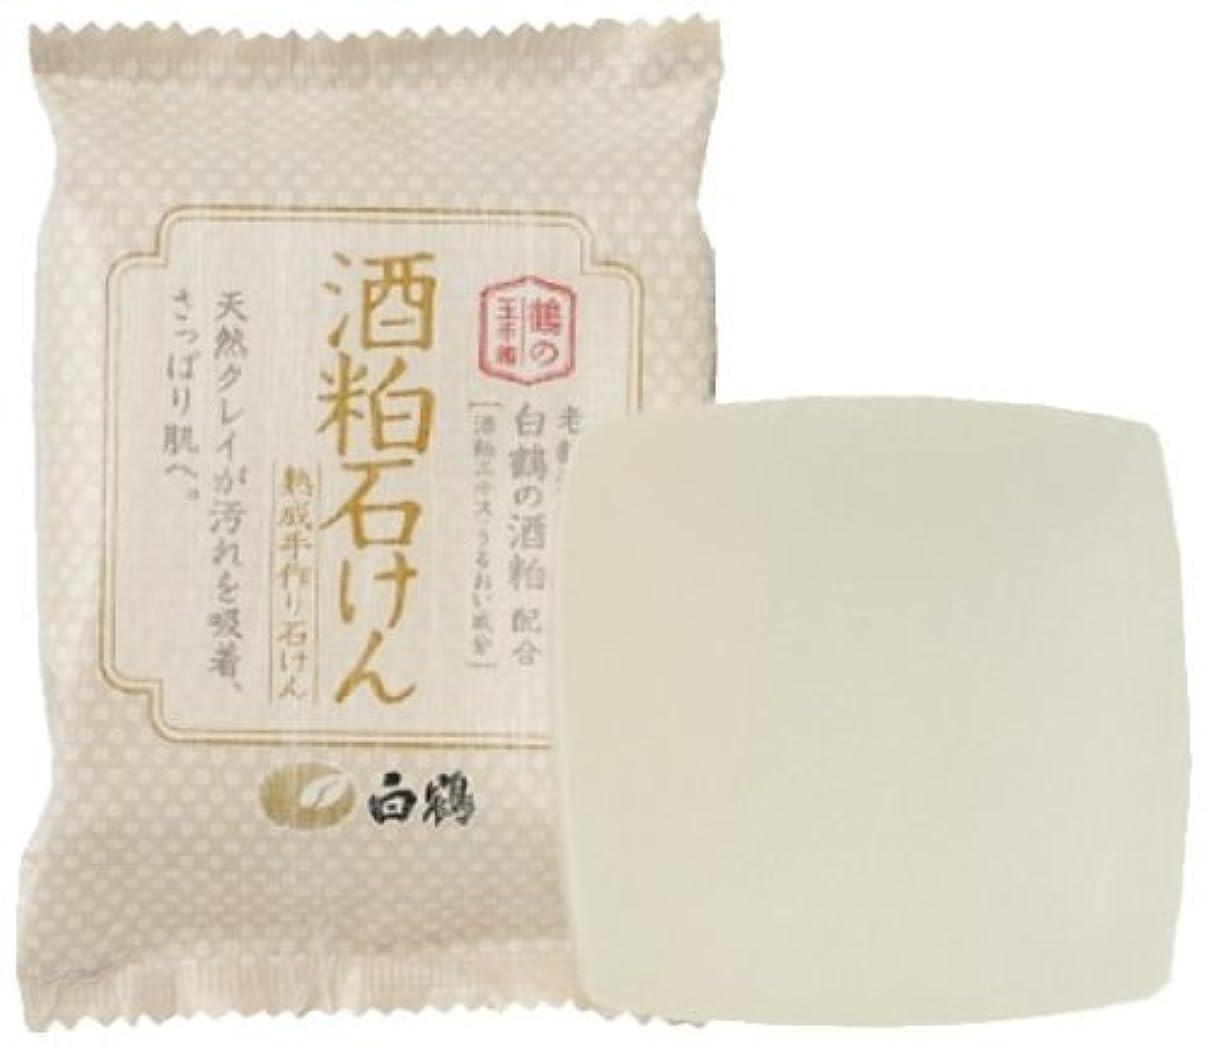 パッドコジオスコ測定白鶴 鶴の玉手箱 酒粕石けん 100g × 10個